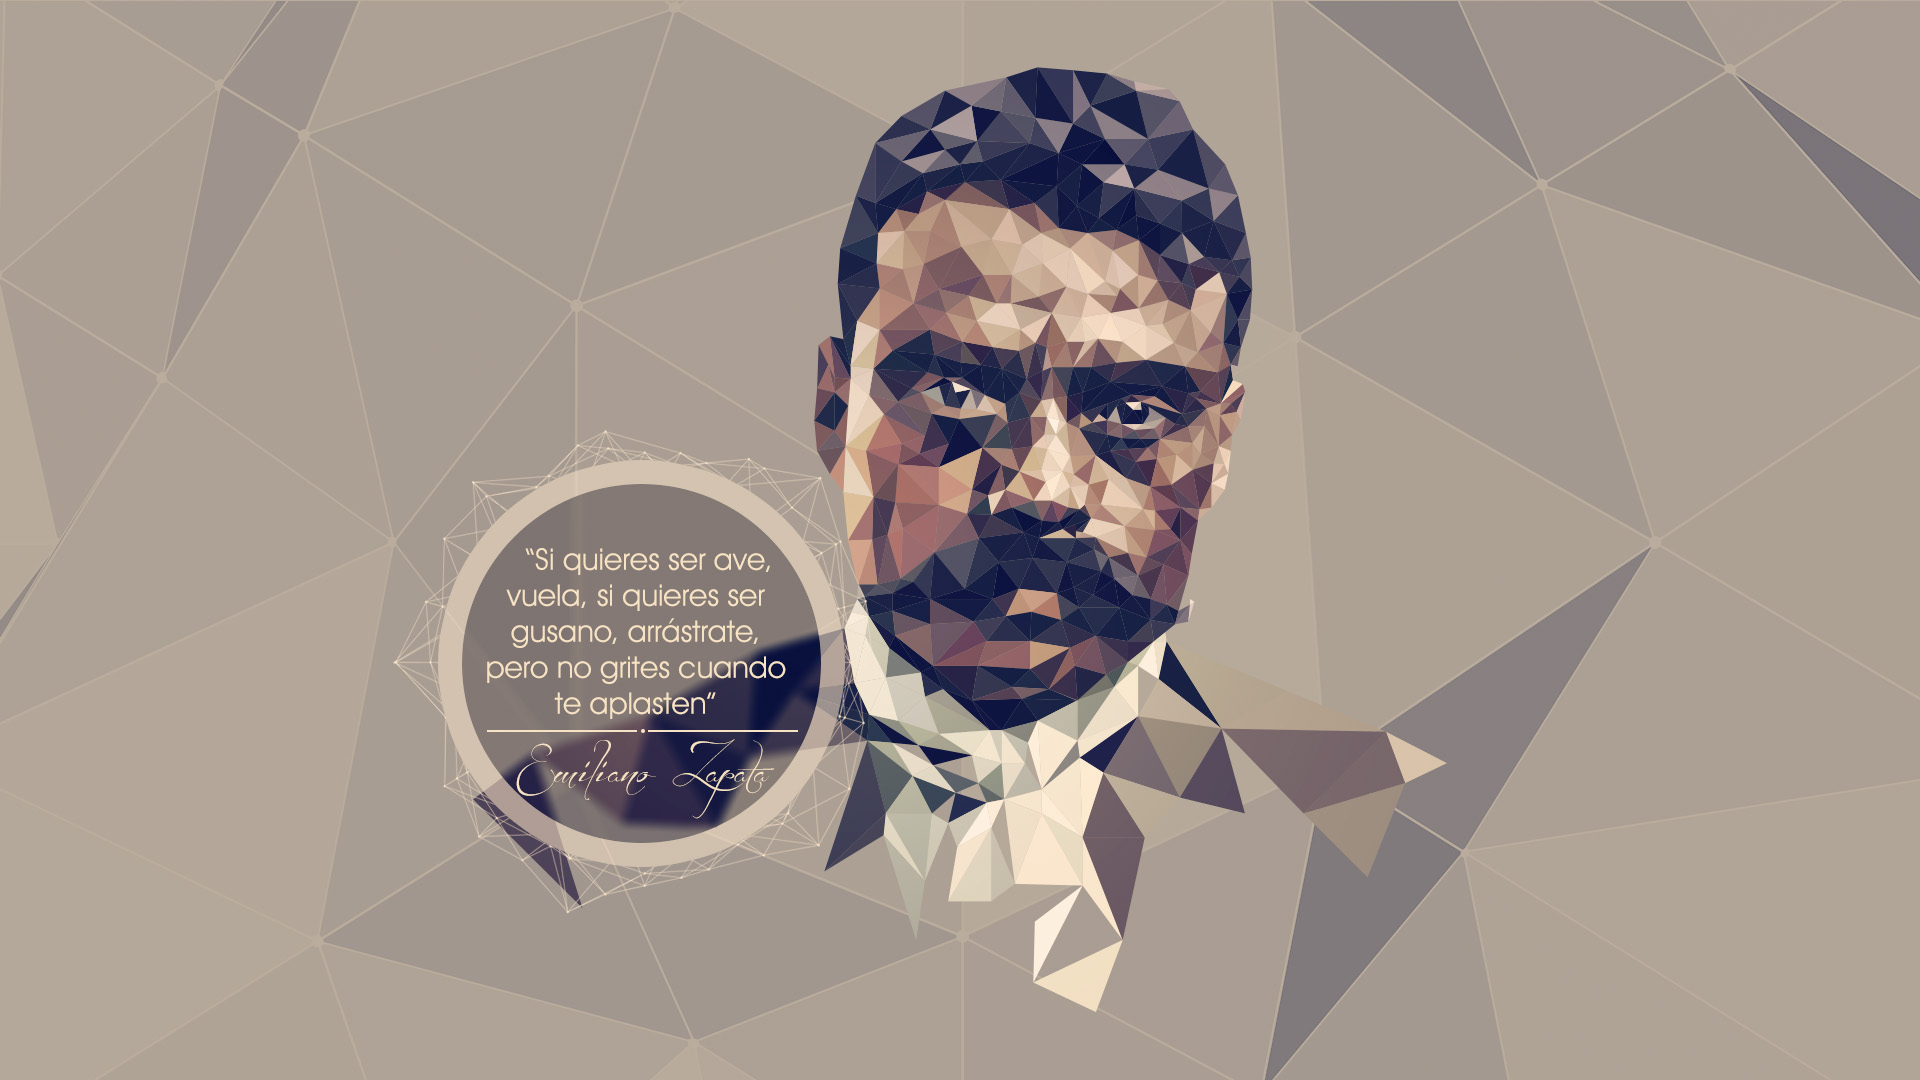 Emiliano Zapata LowPoly by giacko 1920x1080